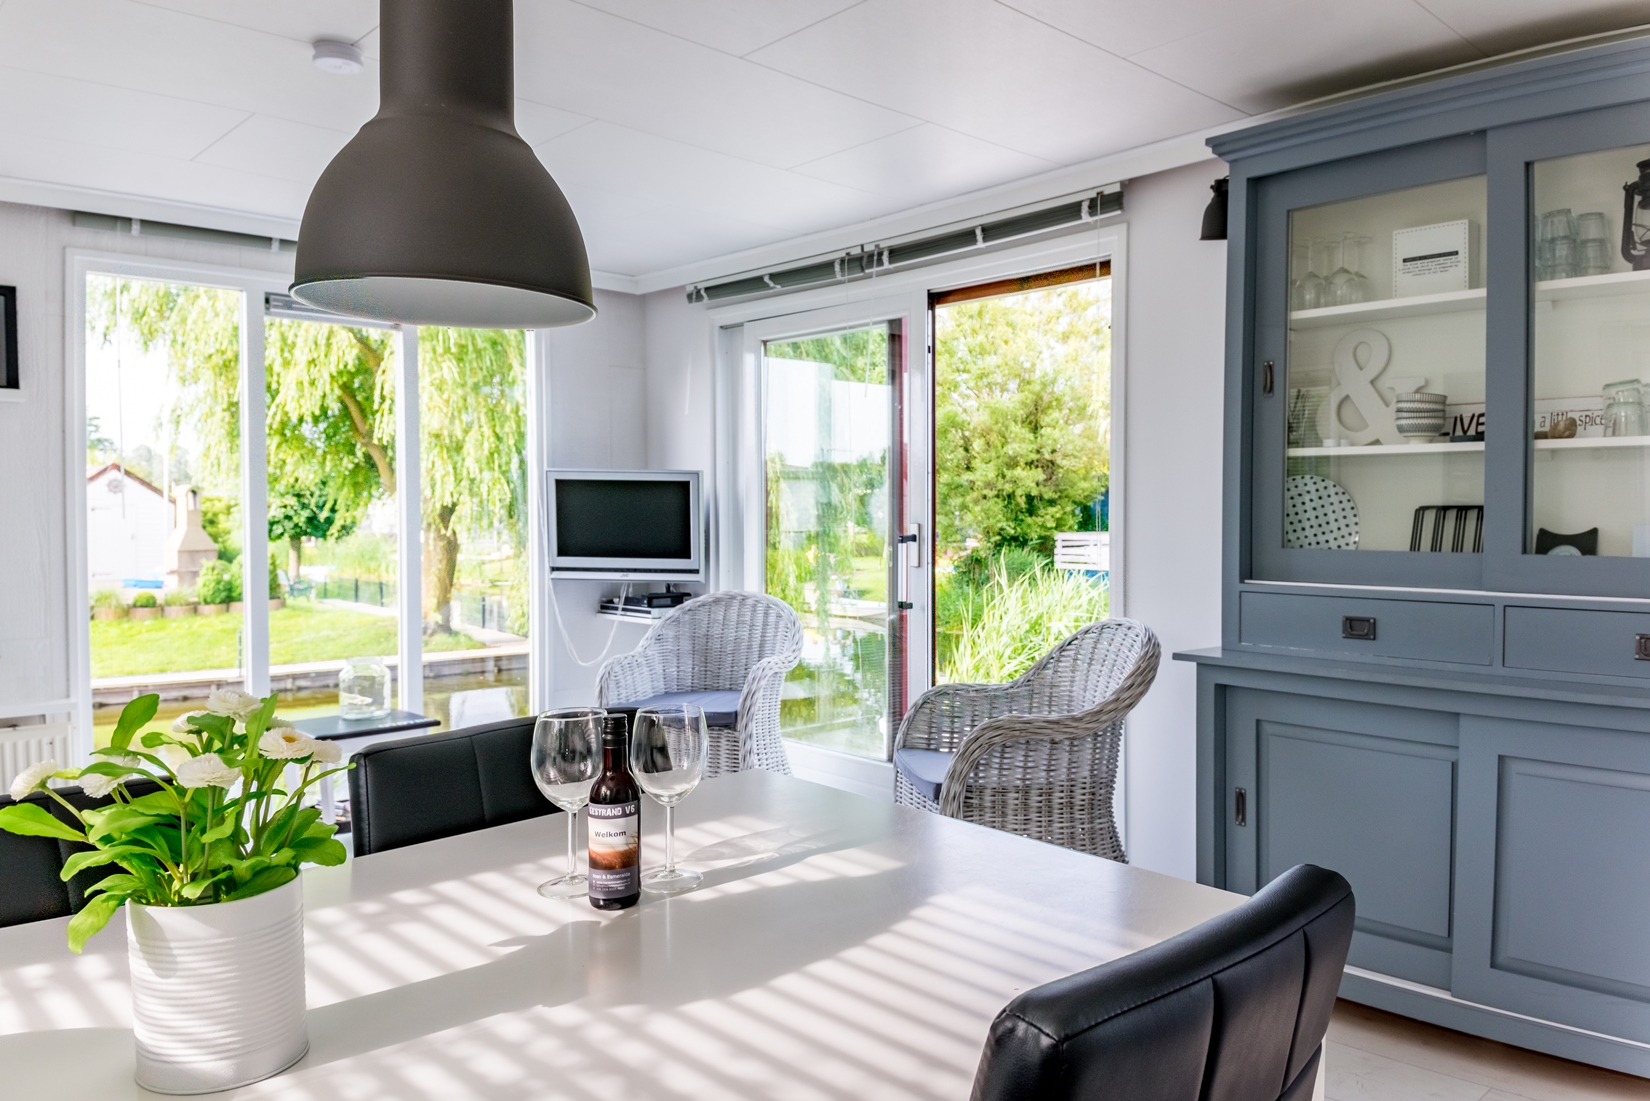 chalet-gestrand-interieur-woonkamer-doorkijk-tuin-water